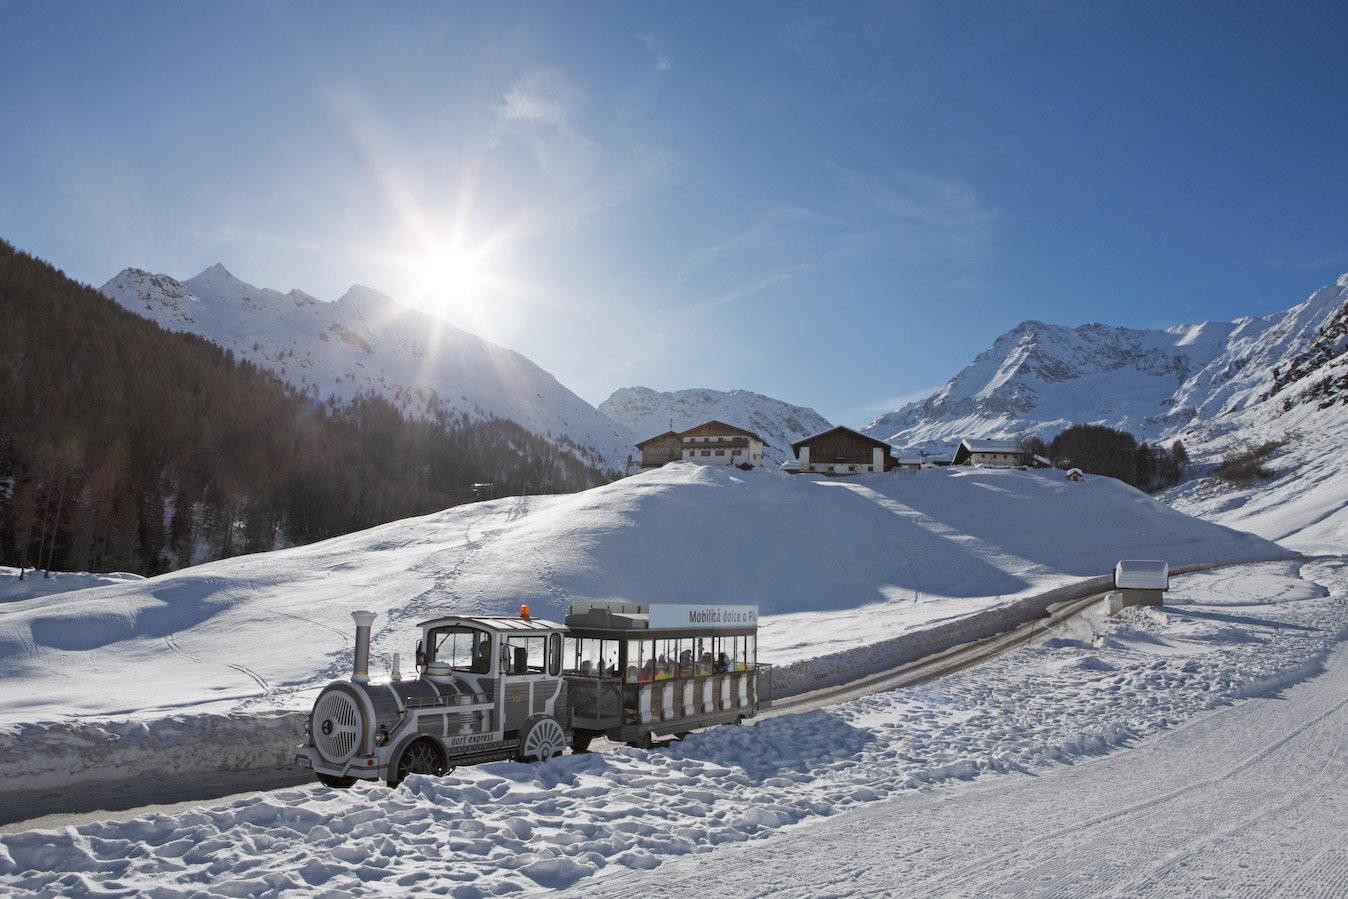 Mobilità dolce a Plan, Val Passiria (Alto Adige) durante l'inverno: trenino Dorfexpress sulla neve